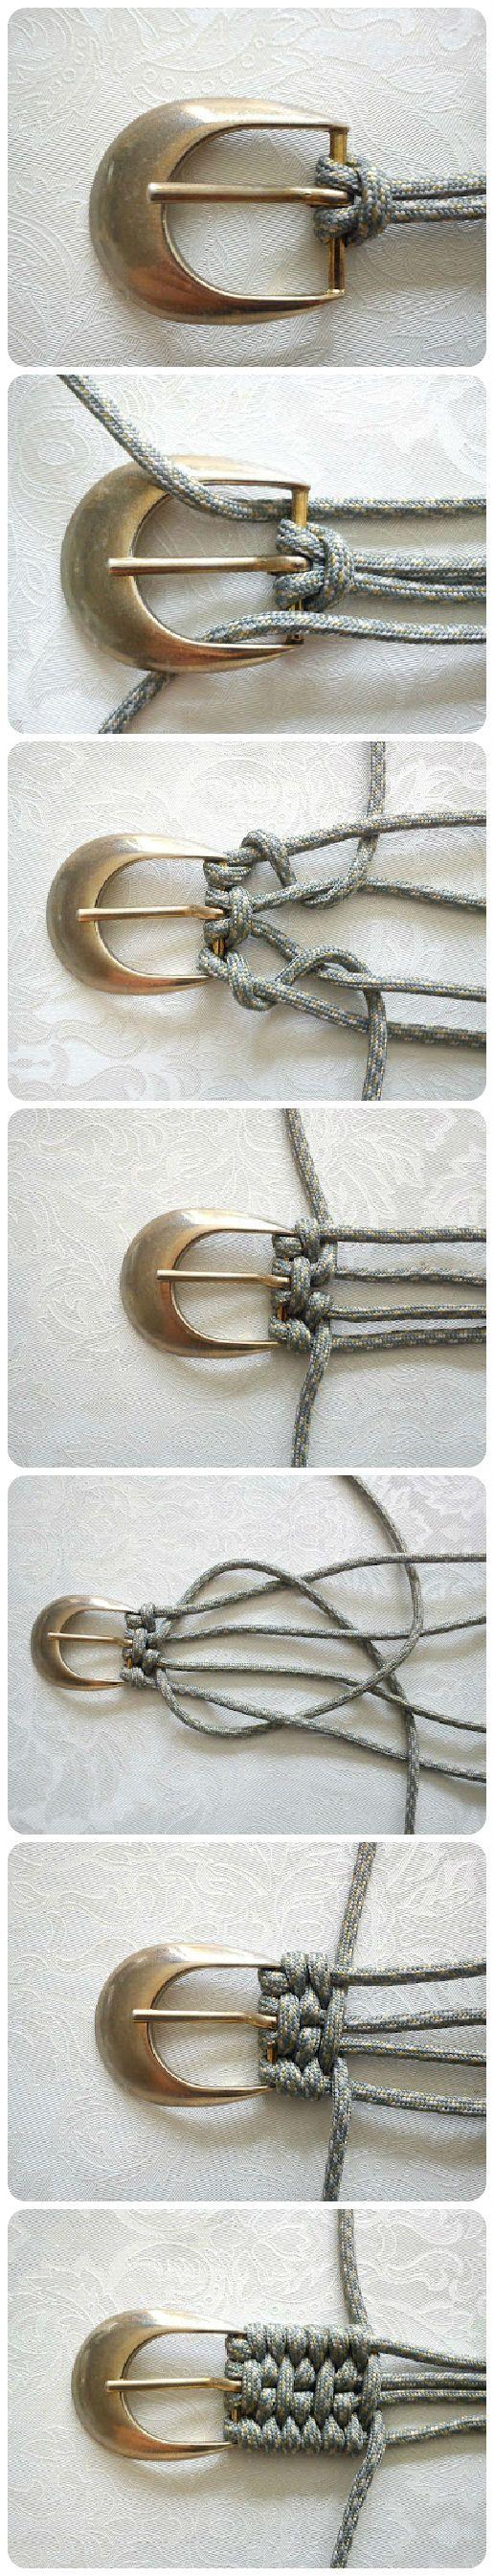 Récupérer une boucle de ceinture pour en tisser une toute neuve! - Trucs et Astuces - Des trucs et des astuces pour améliorer votre vie de tous les jours - Trucs et Bricolages - Fallait y penser !